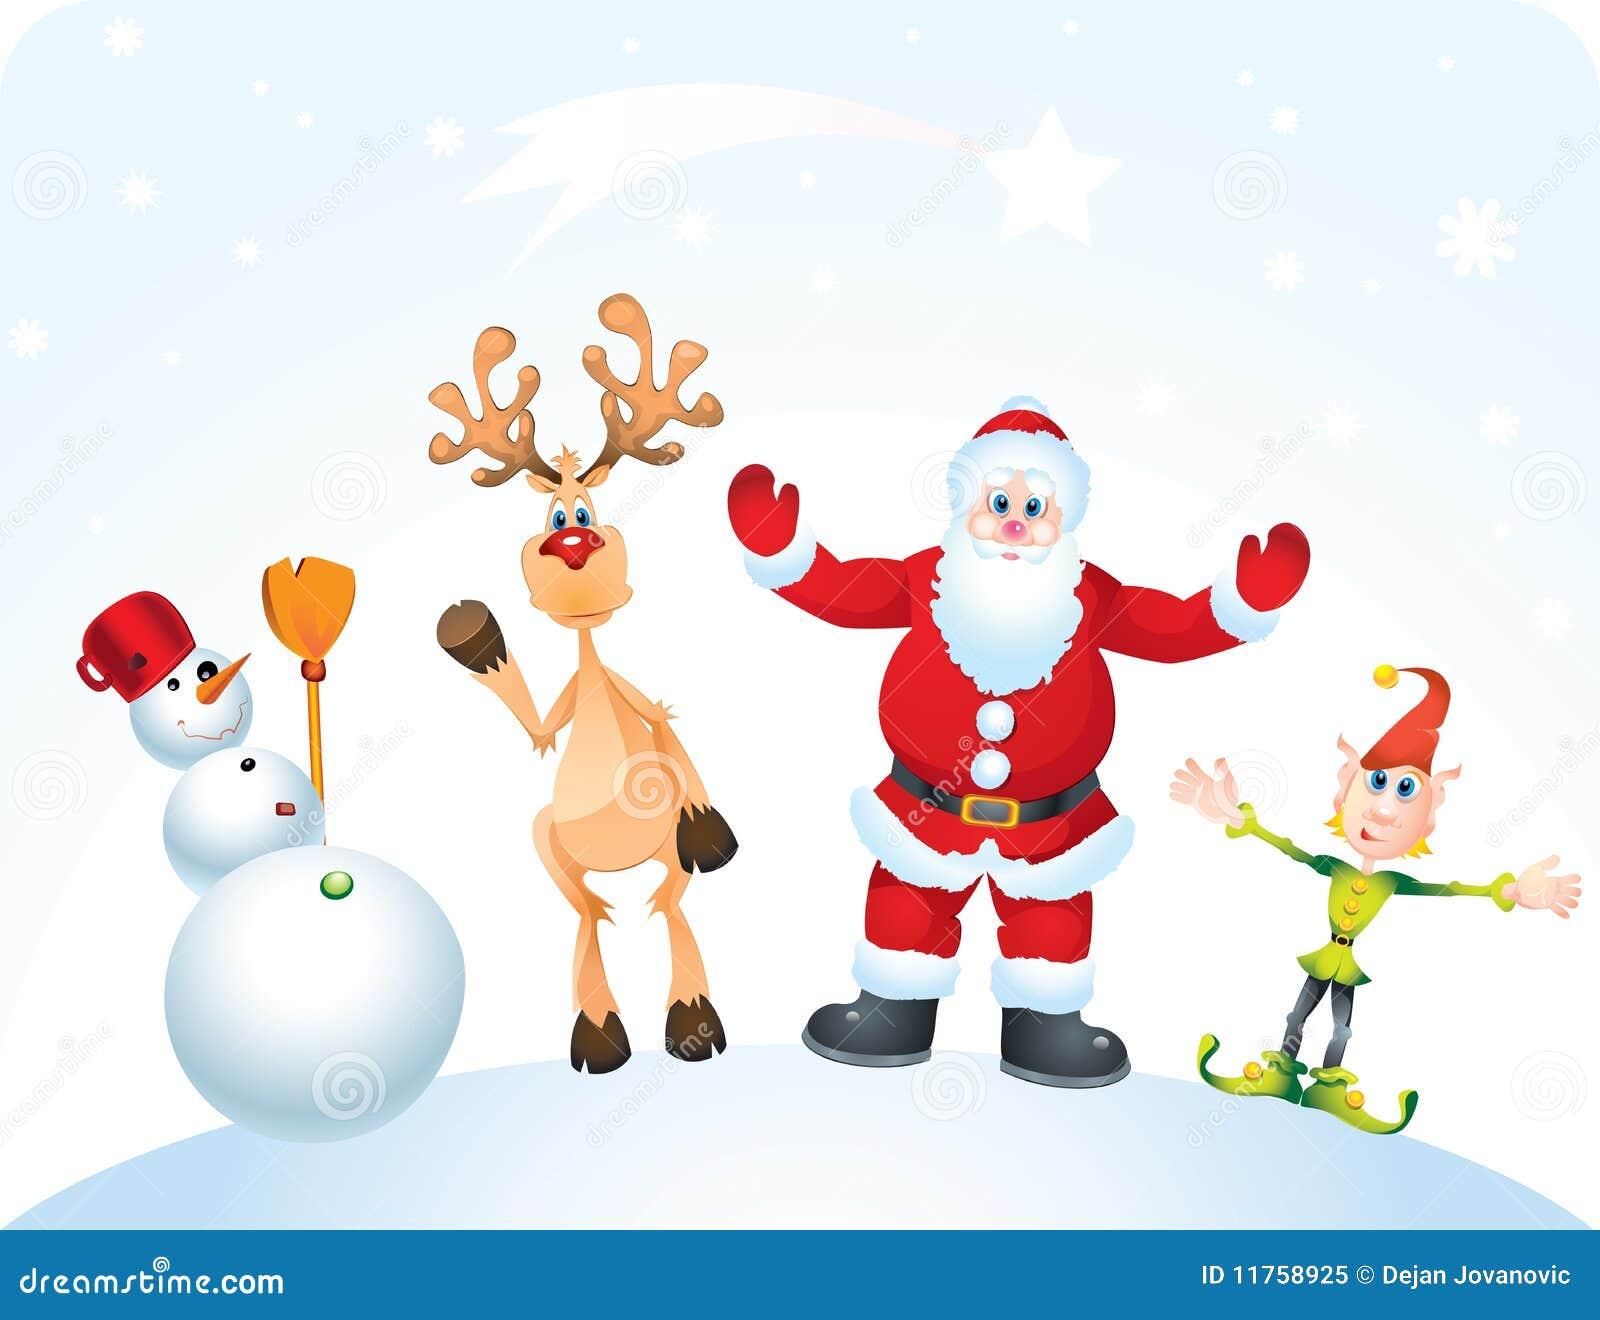 Babbo Natale E Gli Elfi.Babbo Natale E Gli Elfi Immagini Disegni Di Natale 2019